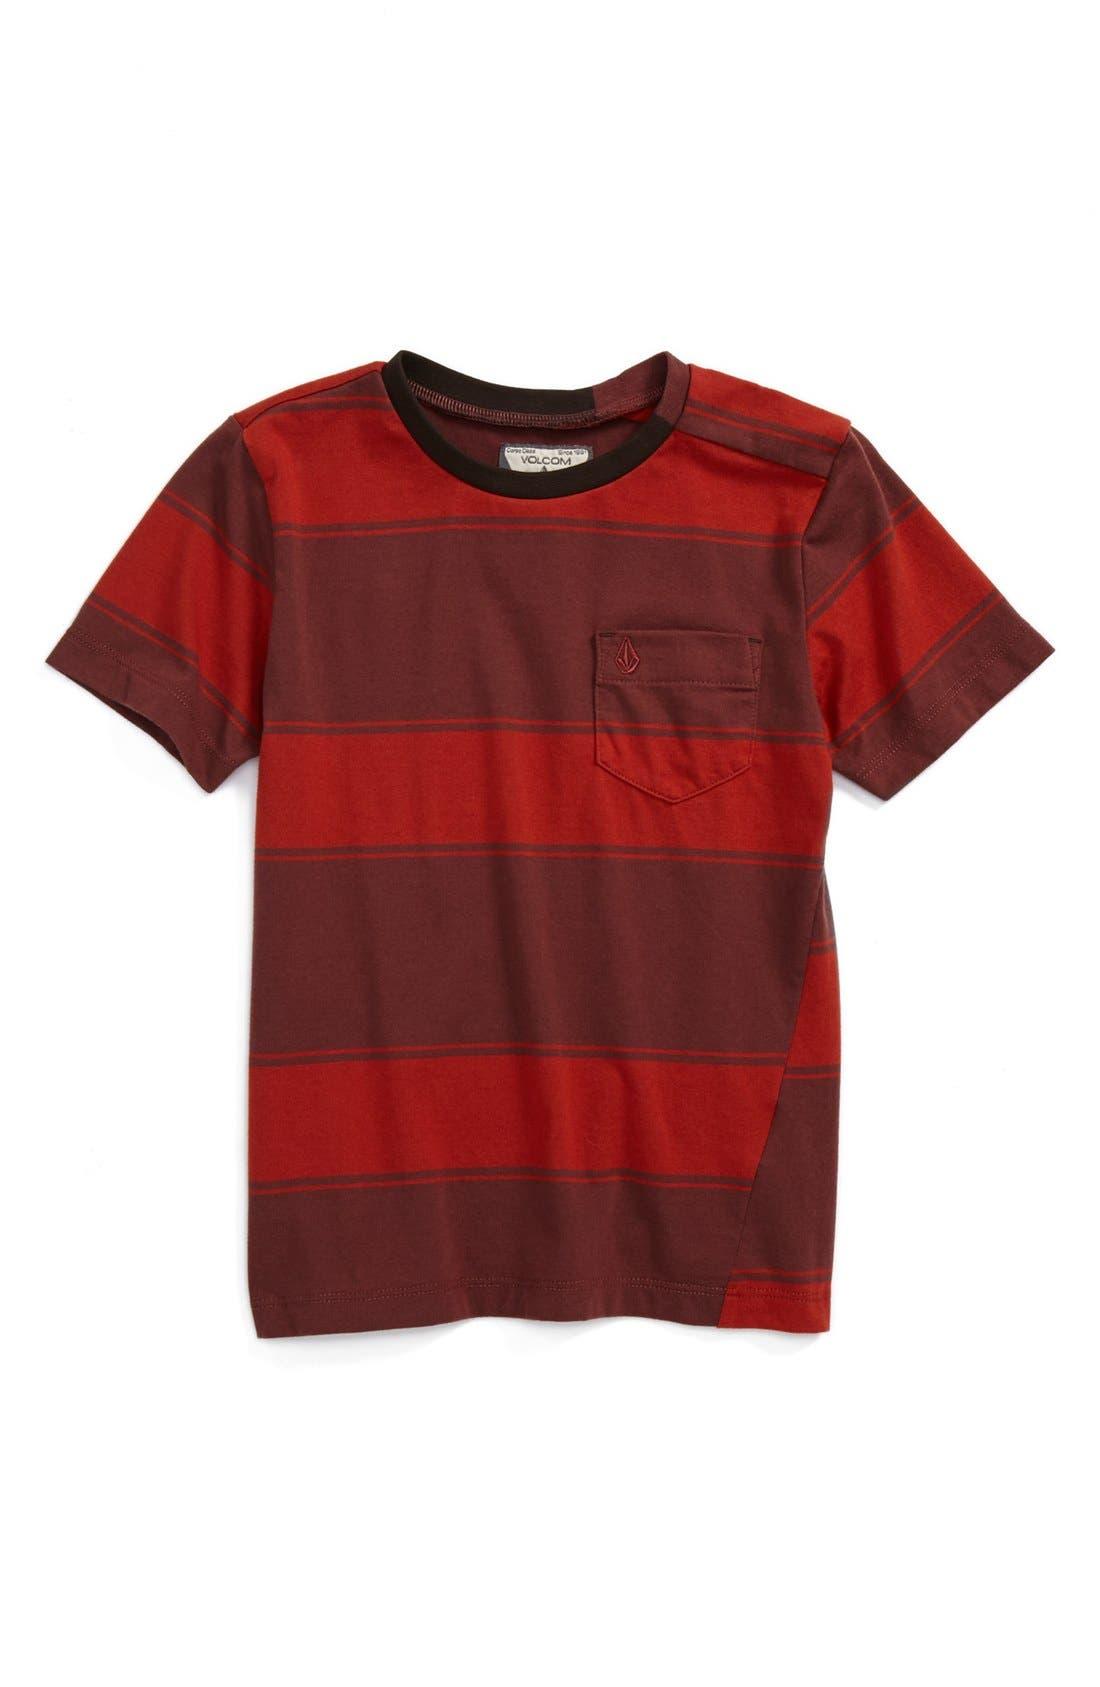 Alternate Image 1 Selected - Volcom 'Square' T-Shirt (Little Boys)